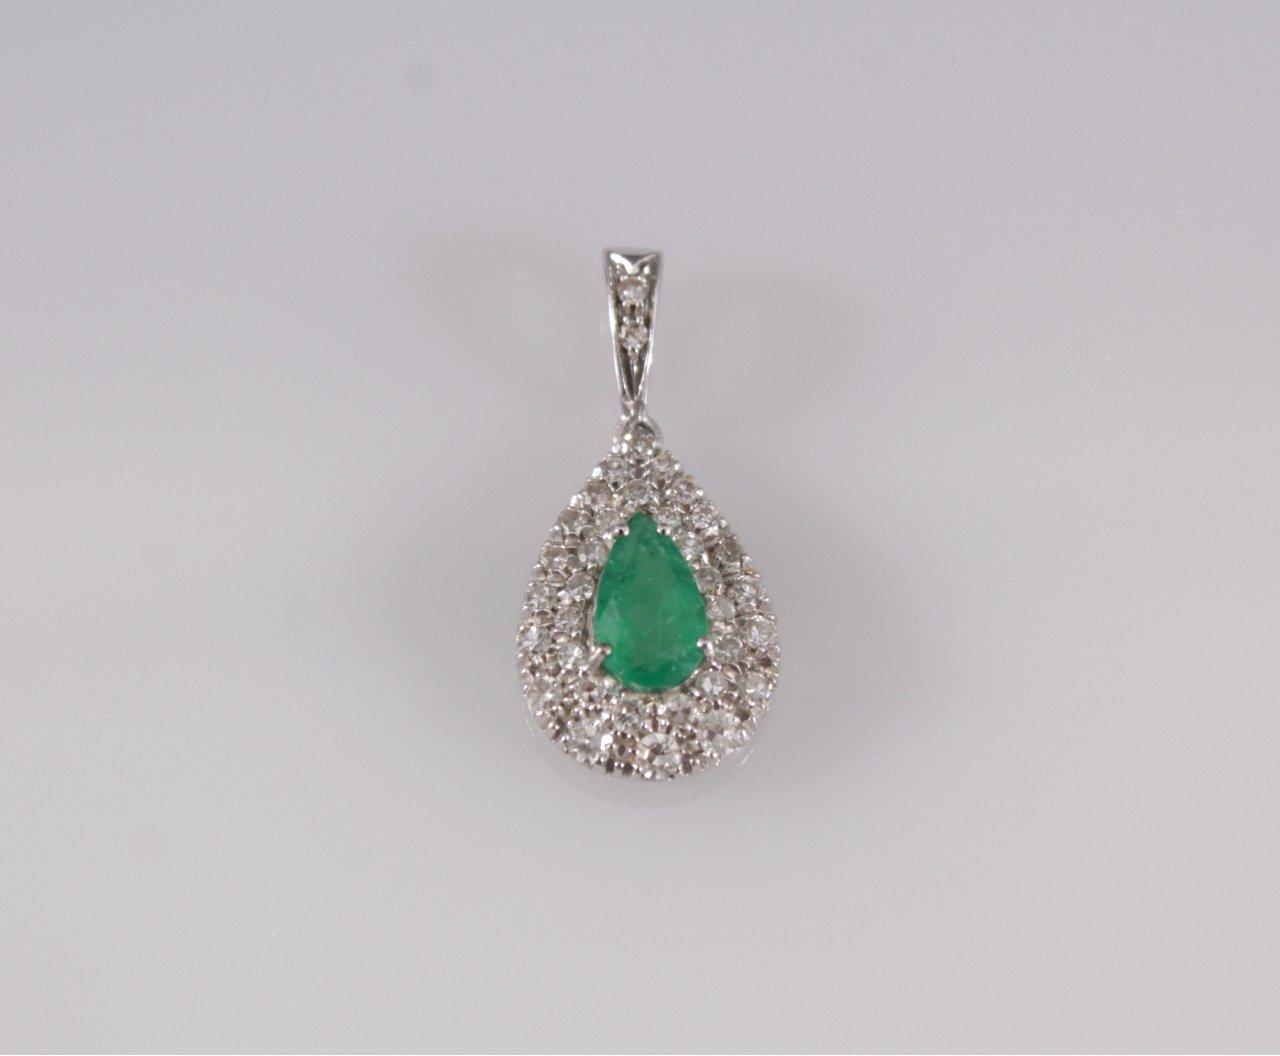 Anhänger in Tropfenform mit Smaragd und Diamanten